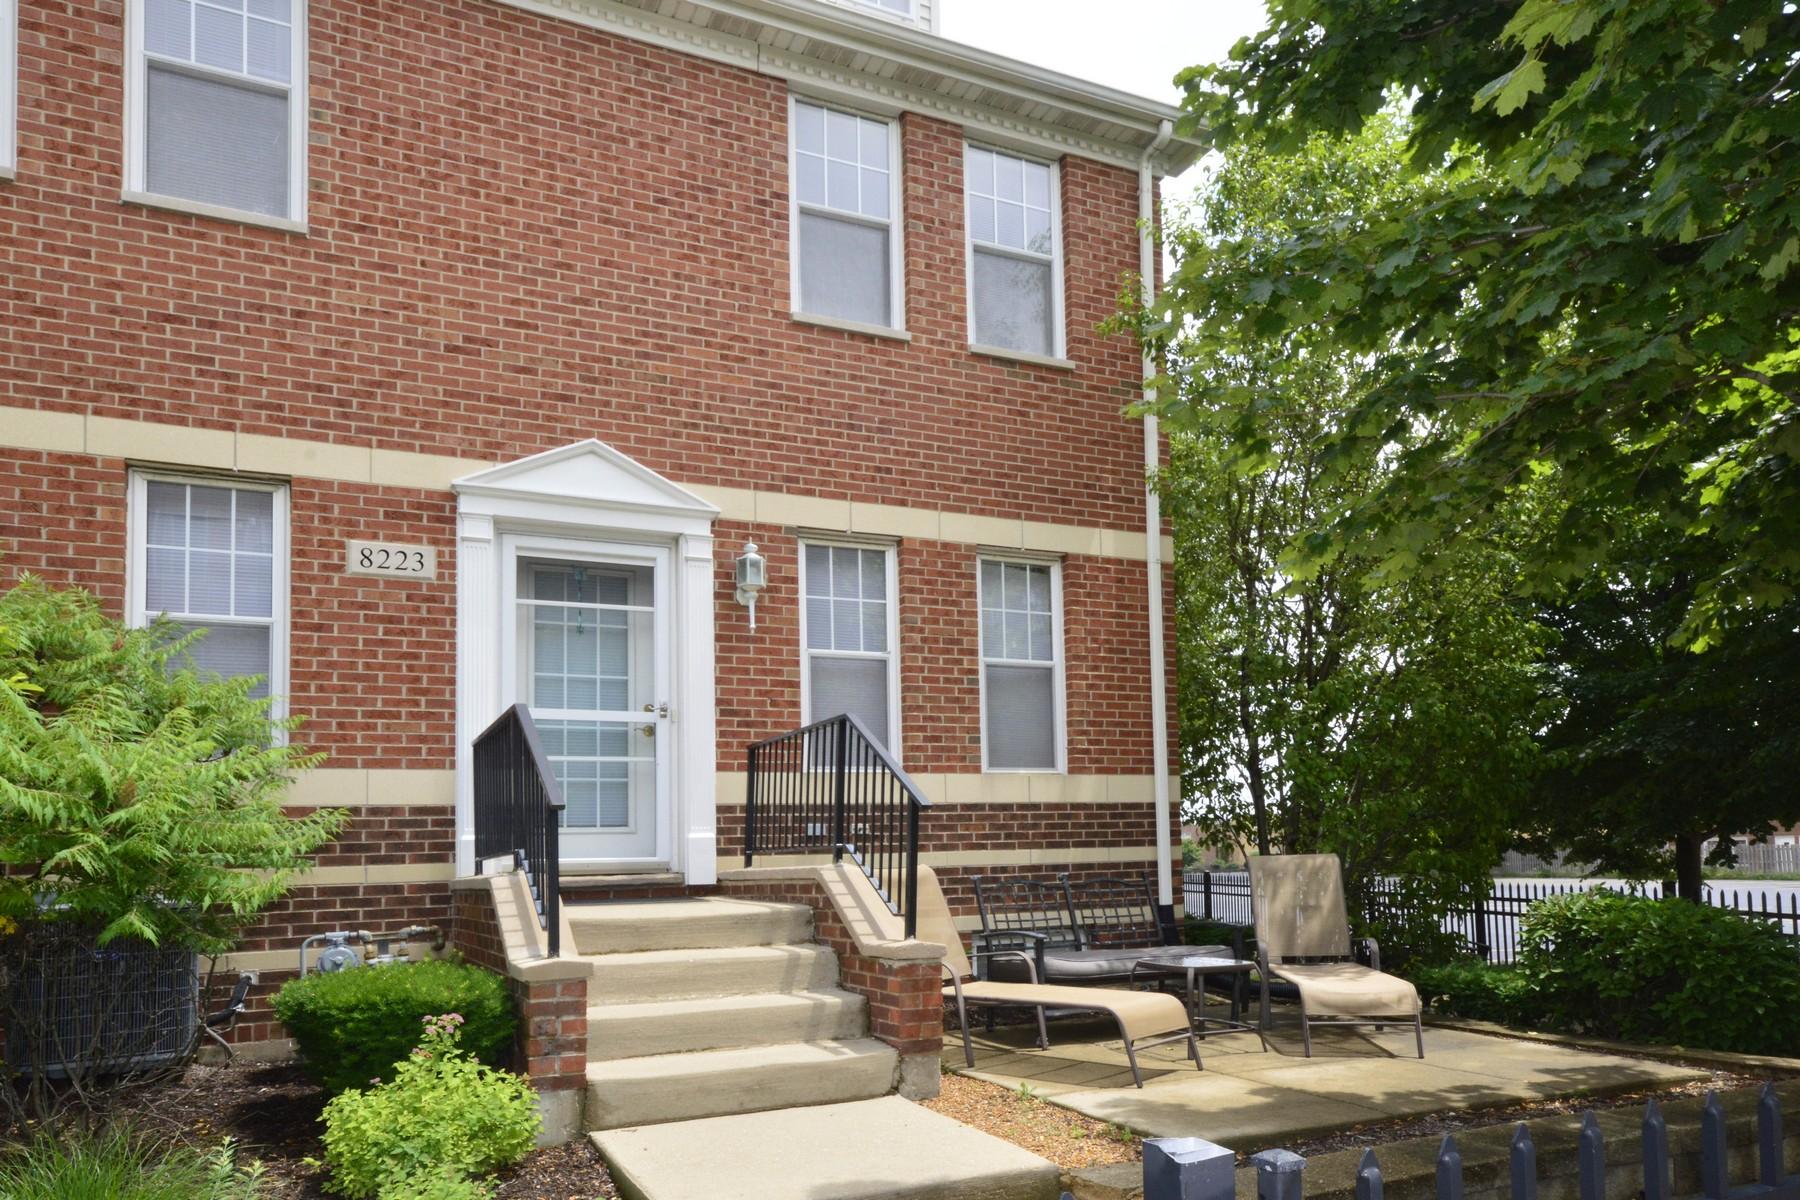 Einfamilienhaus für Verkauf beim Beautiful Townhouse 8223 Lincoln Avenue Skokie, Illinois, 60077 Vereinigte Staaten